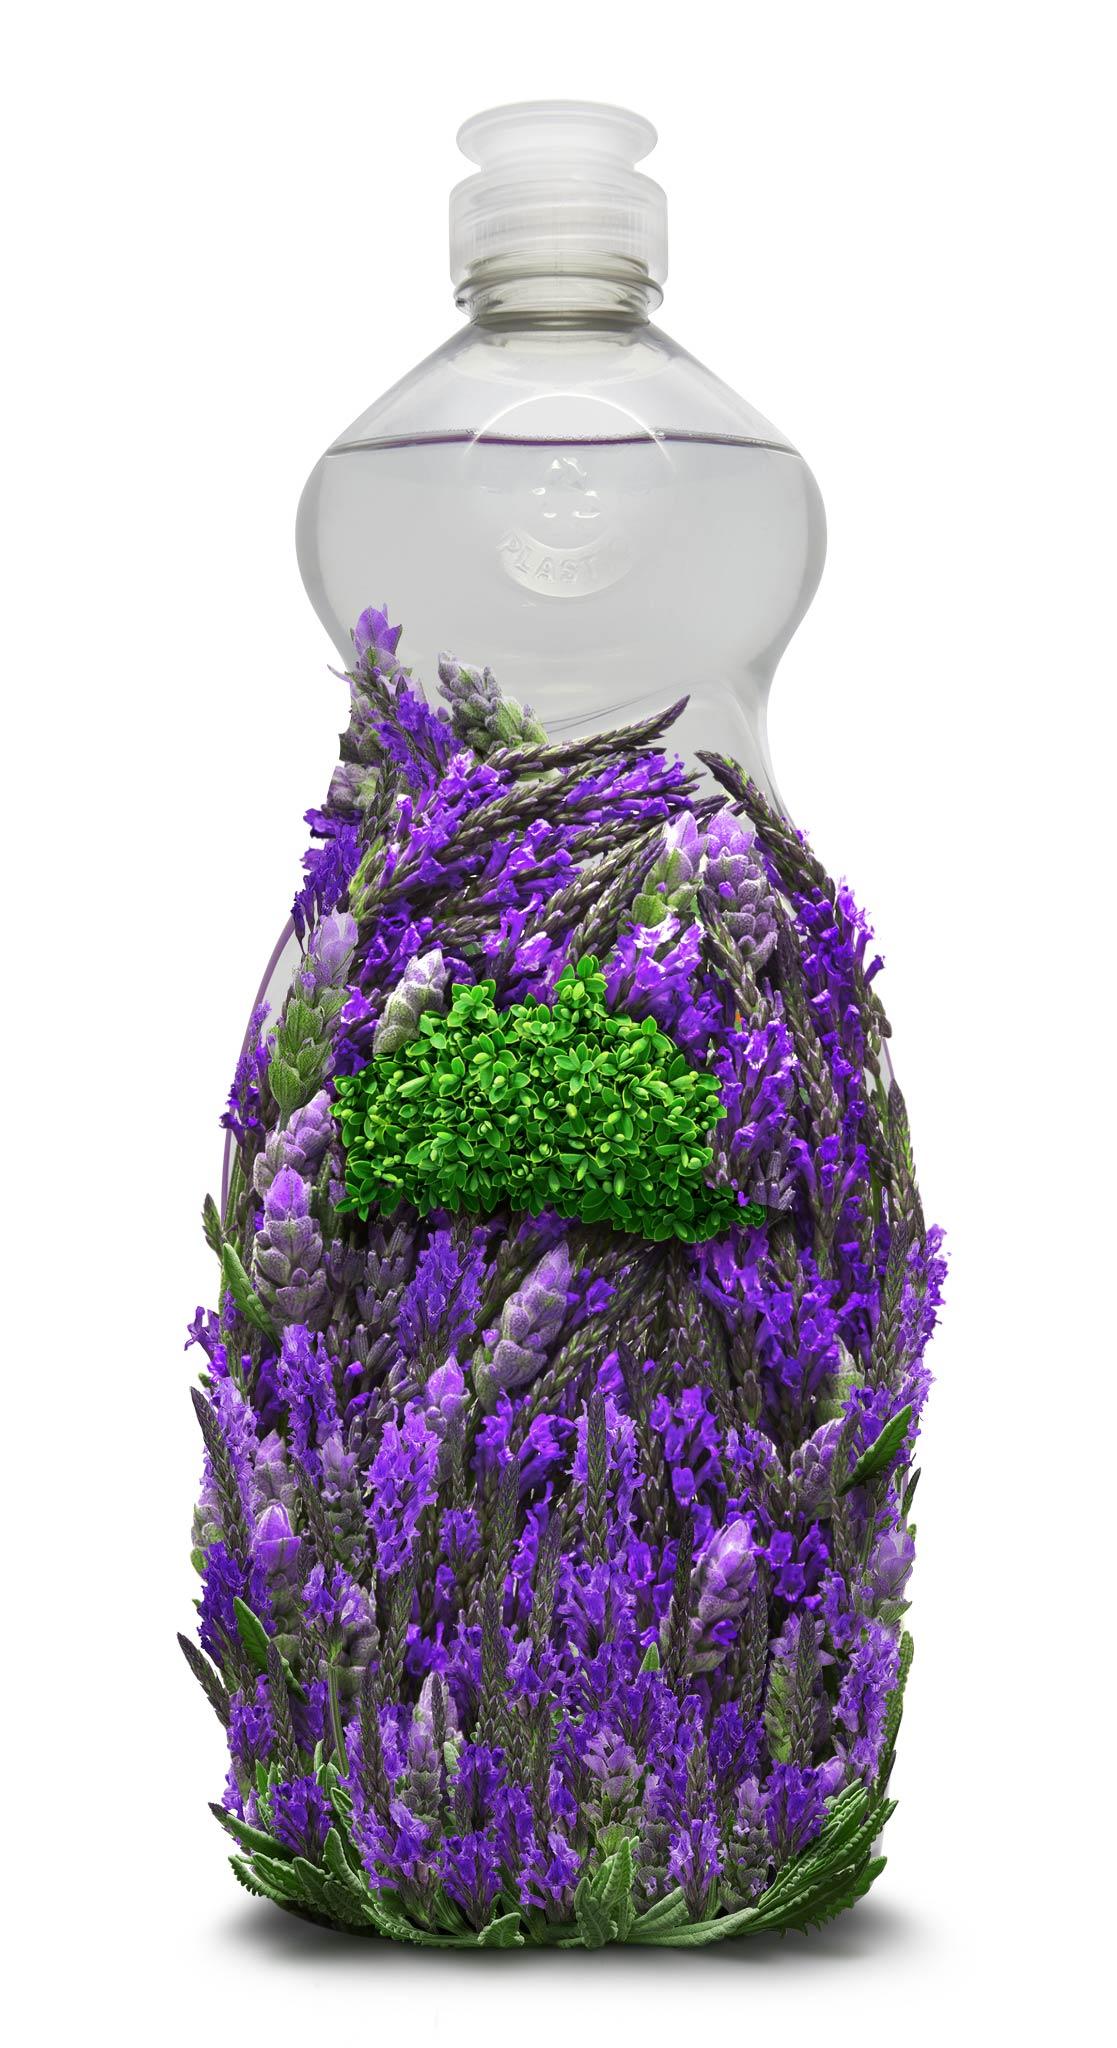 Lavender_DishWashing_14.jpg